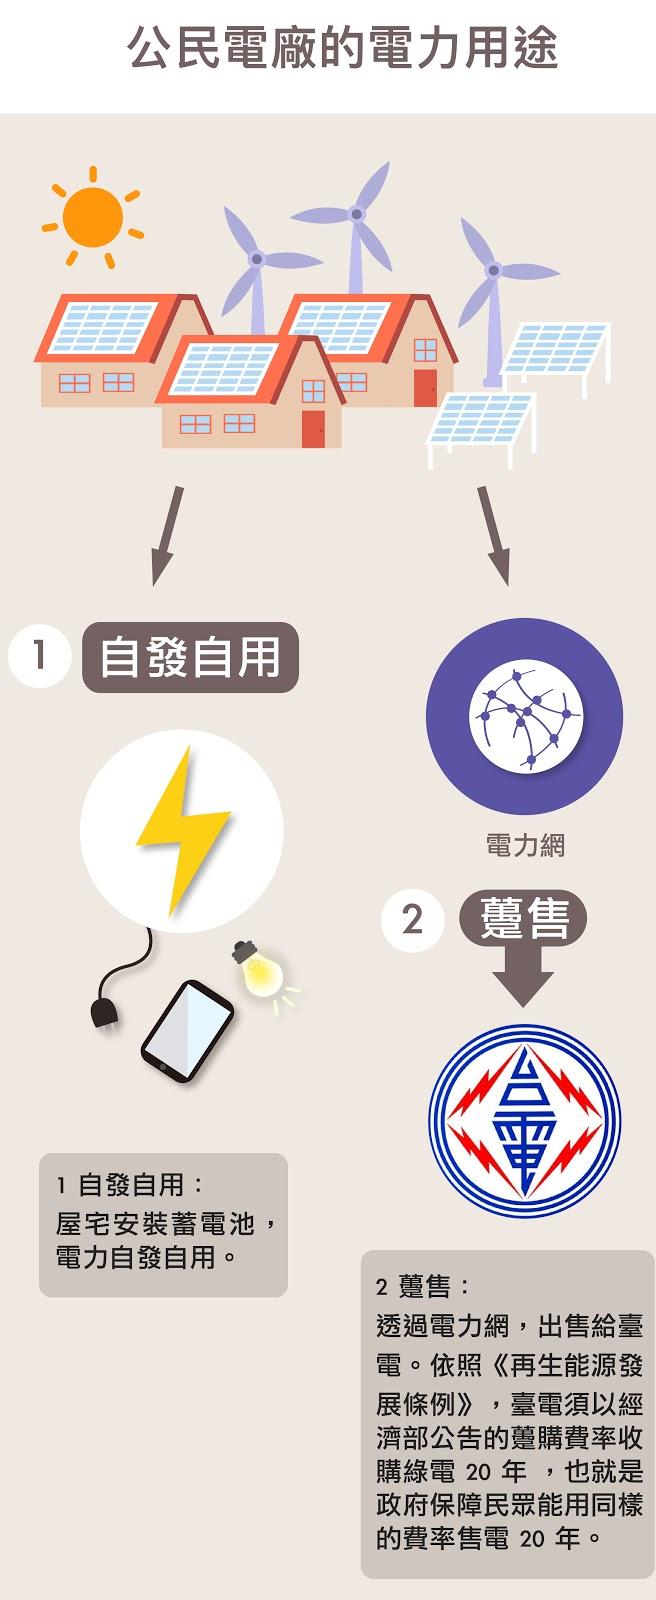 資料來源│公民電廠資訊網 圖片重製│林洵安